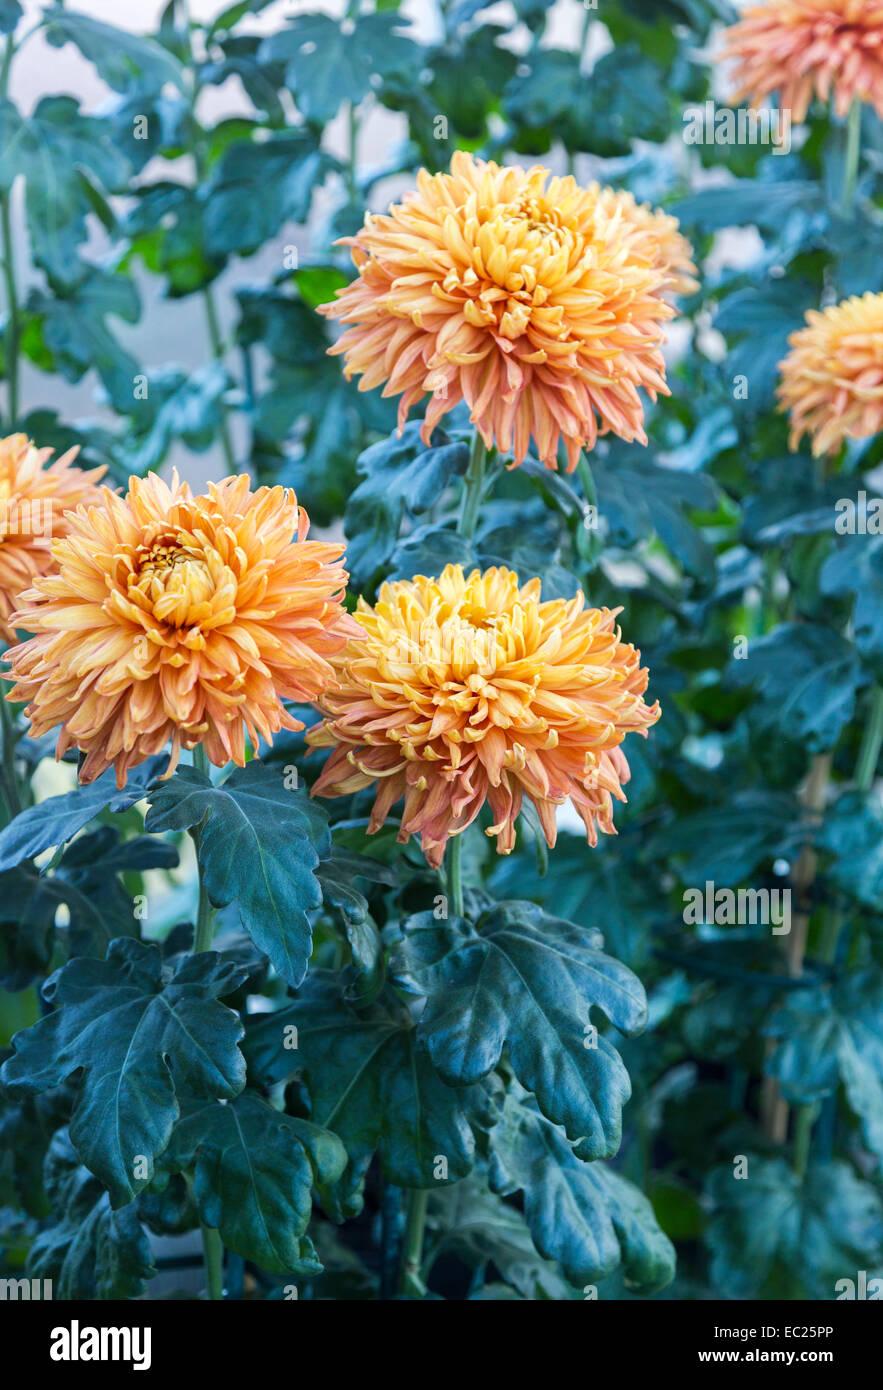 Orange Blüten der späten Winter blühende zurückgebogen Chrysantheme' Bronze mayford Perfektion' Stockbild